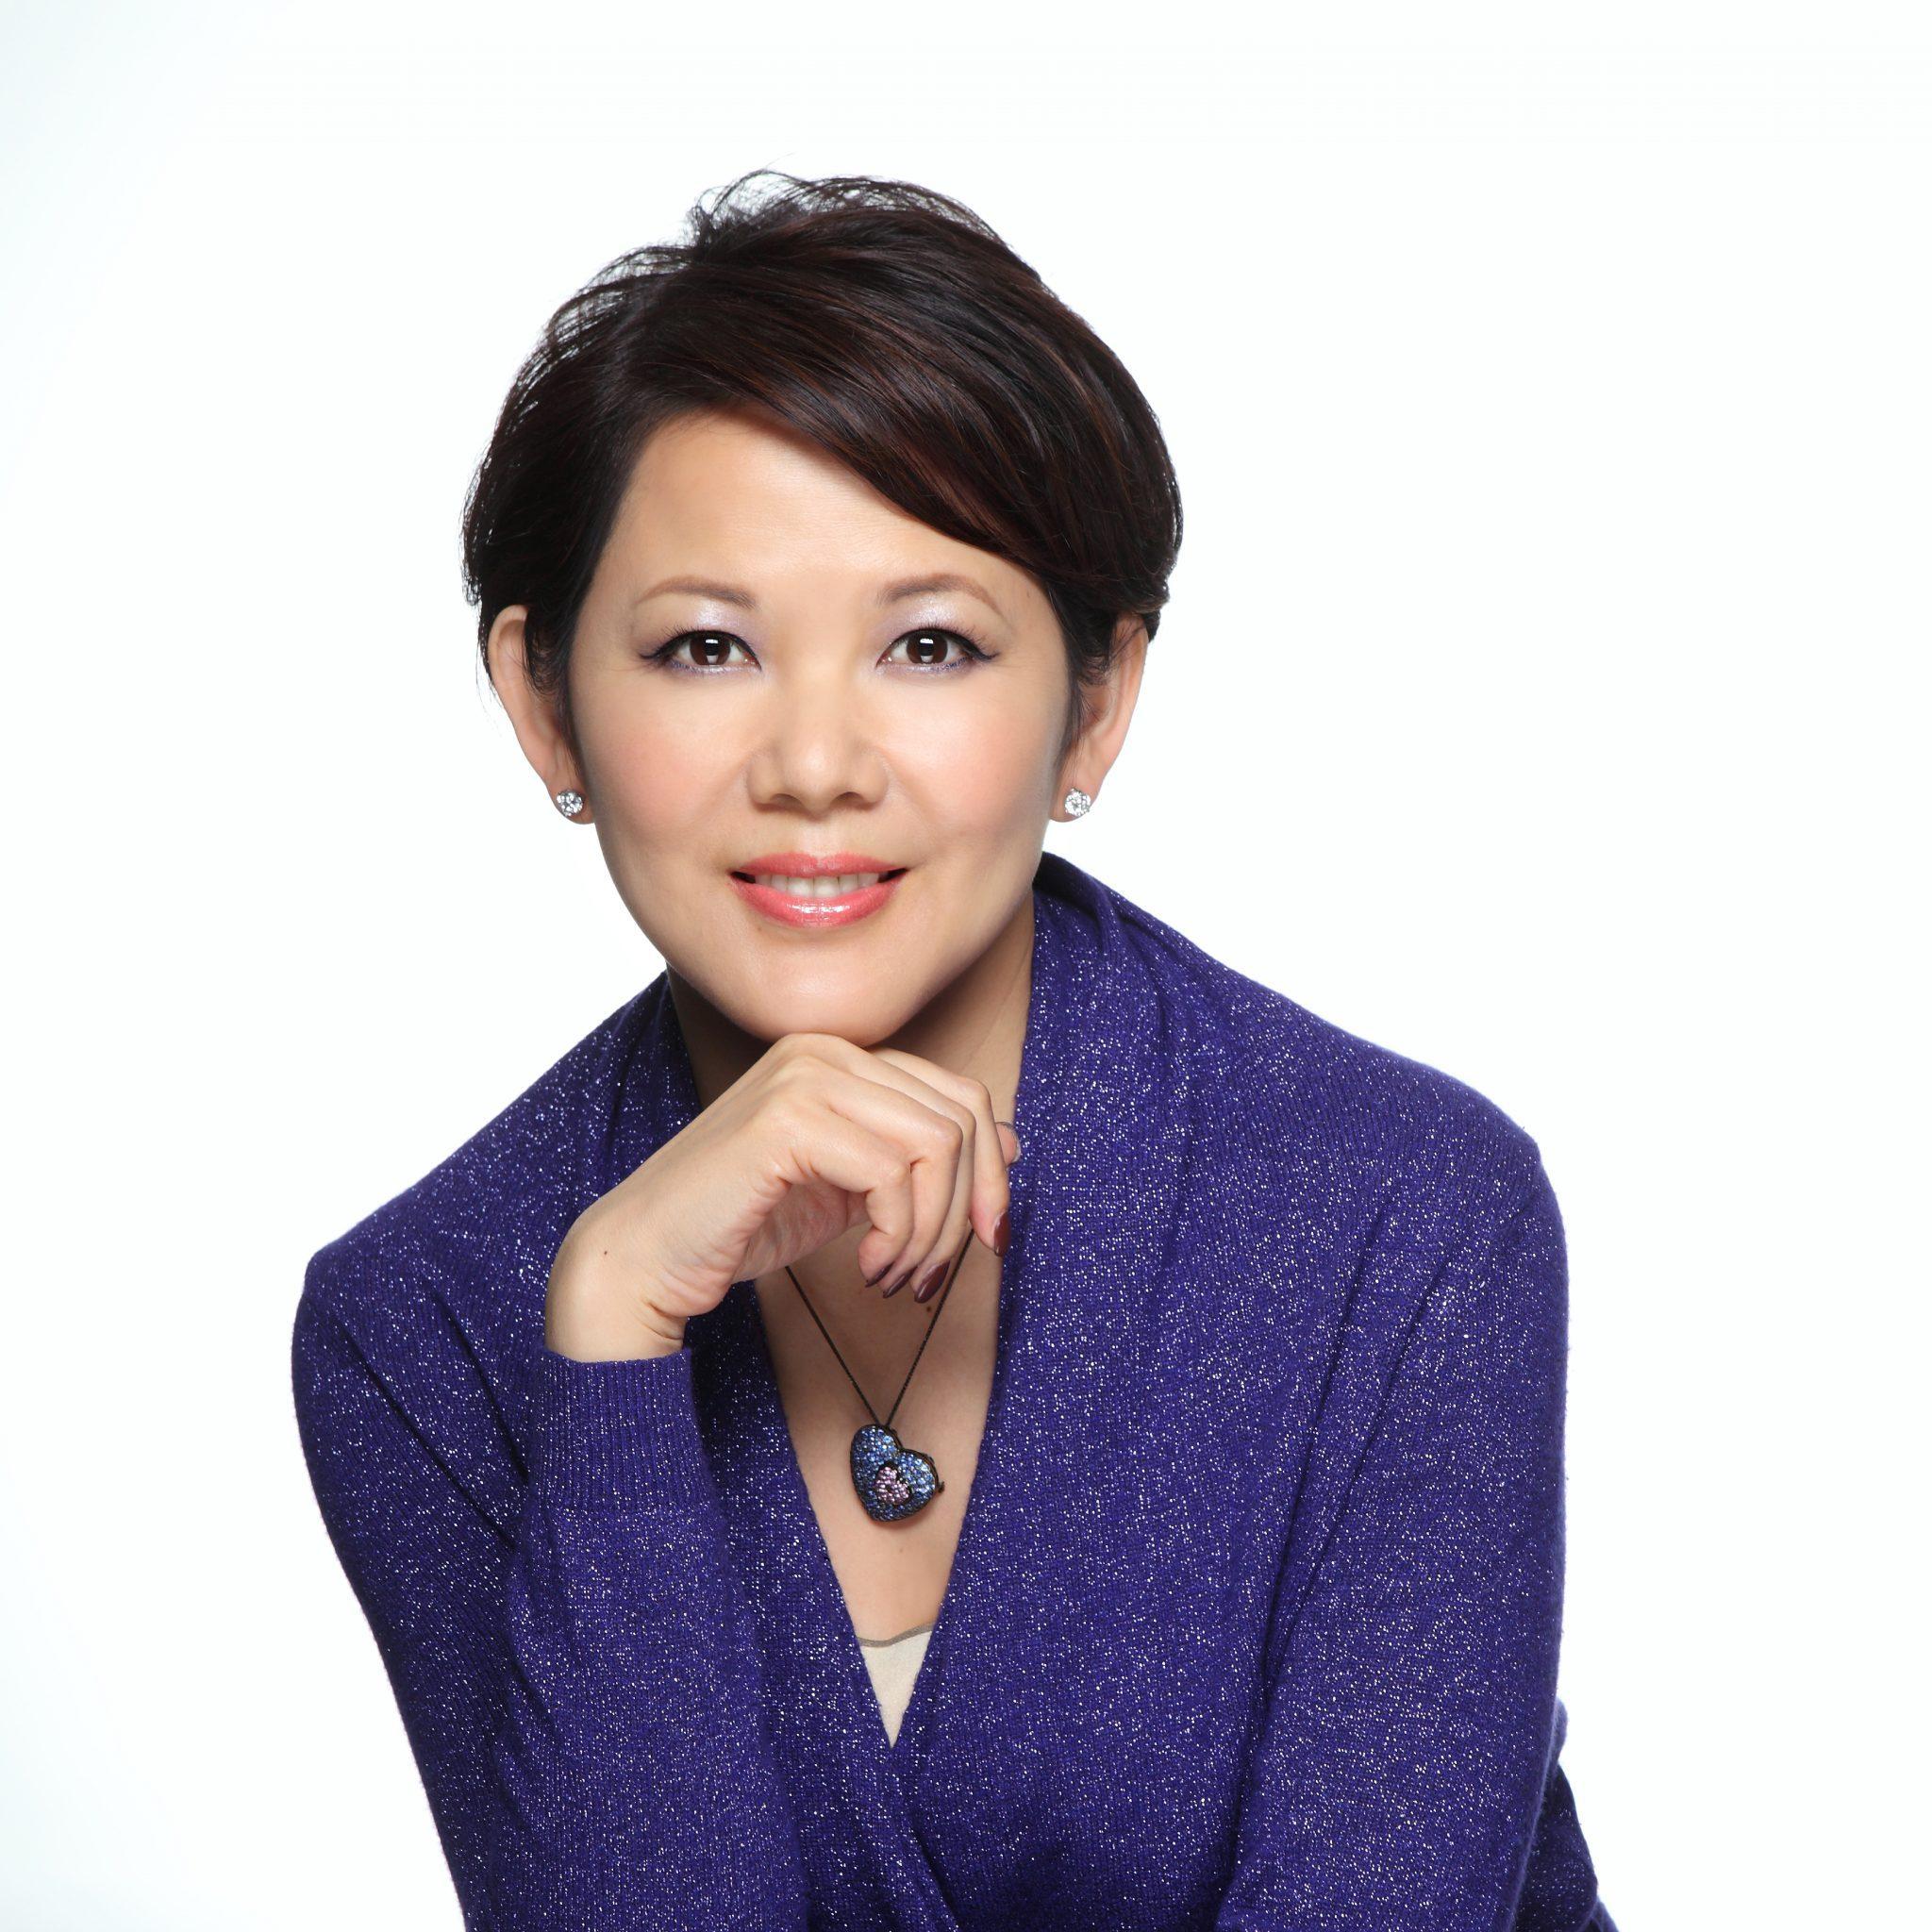 Senior AIM Image Consultant Priscilla Chan